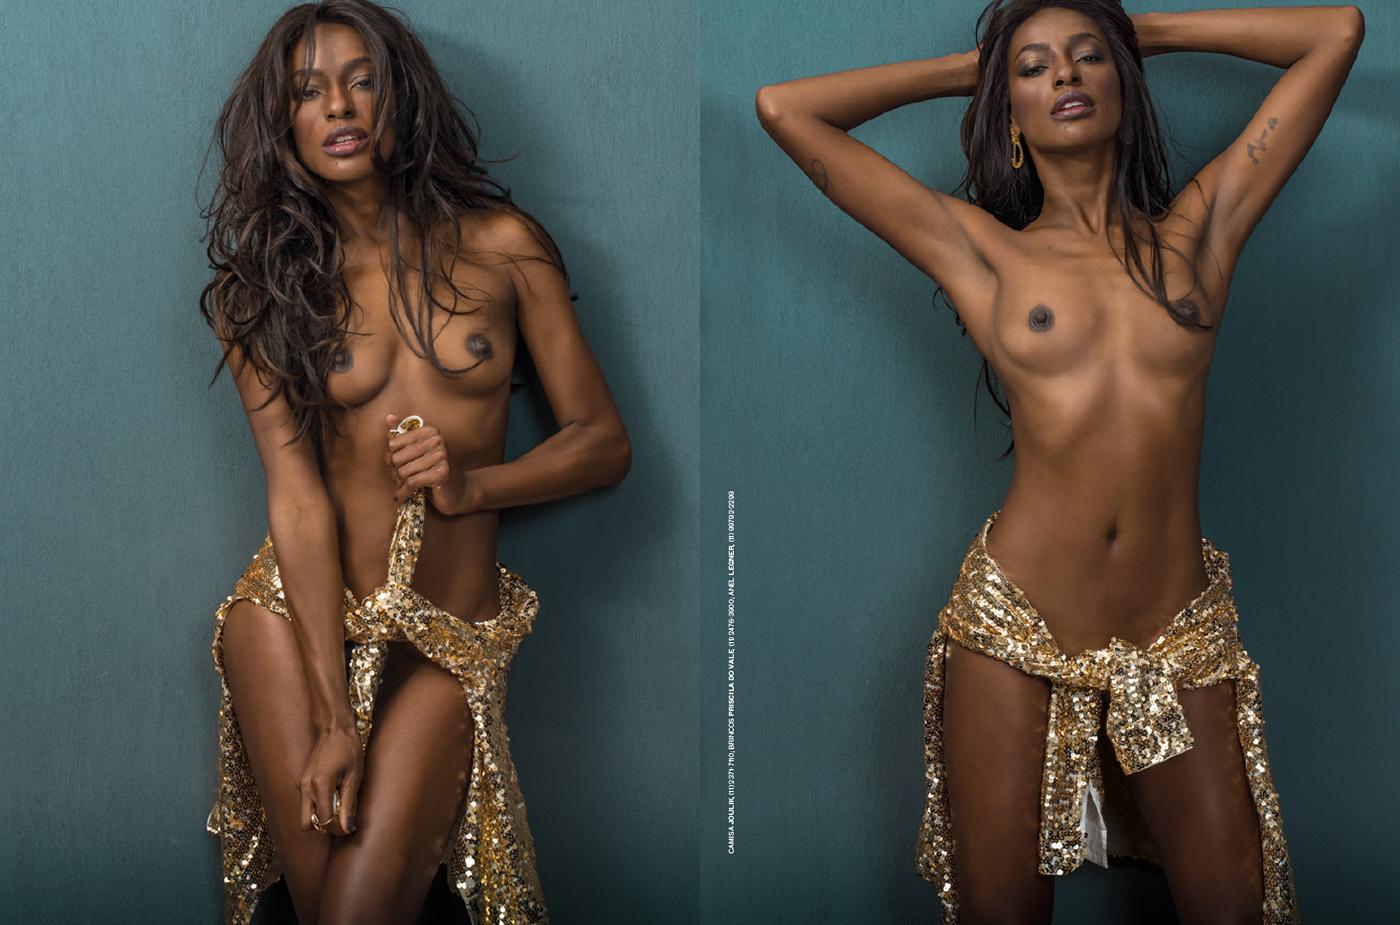 Pathy Dejesus in Playboy